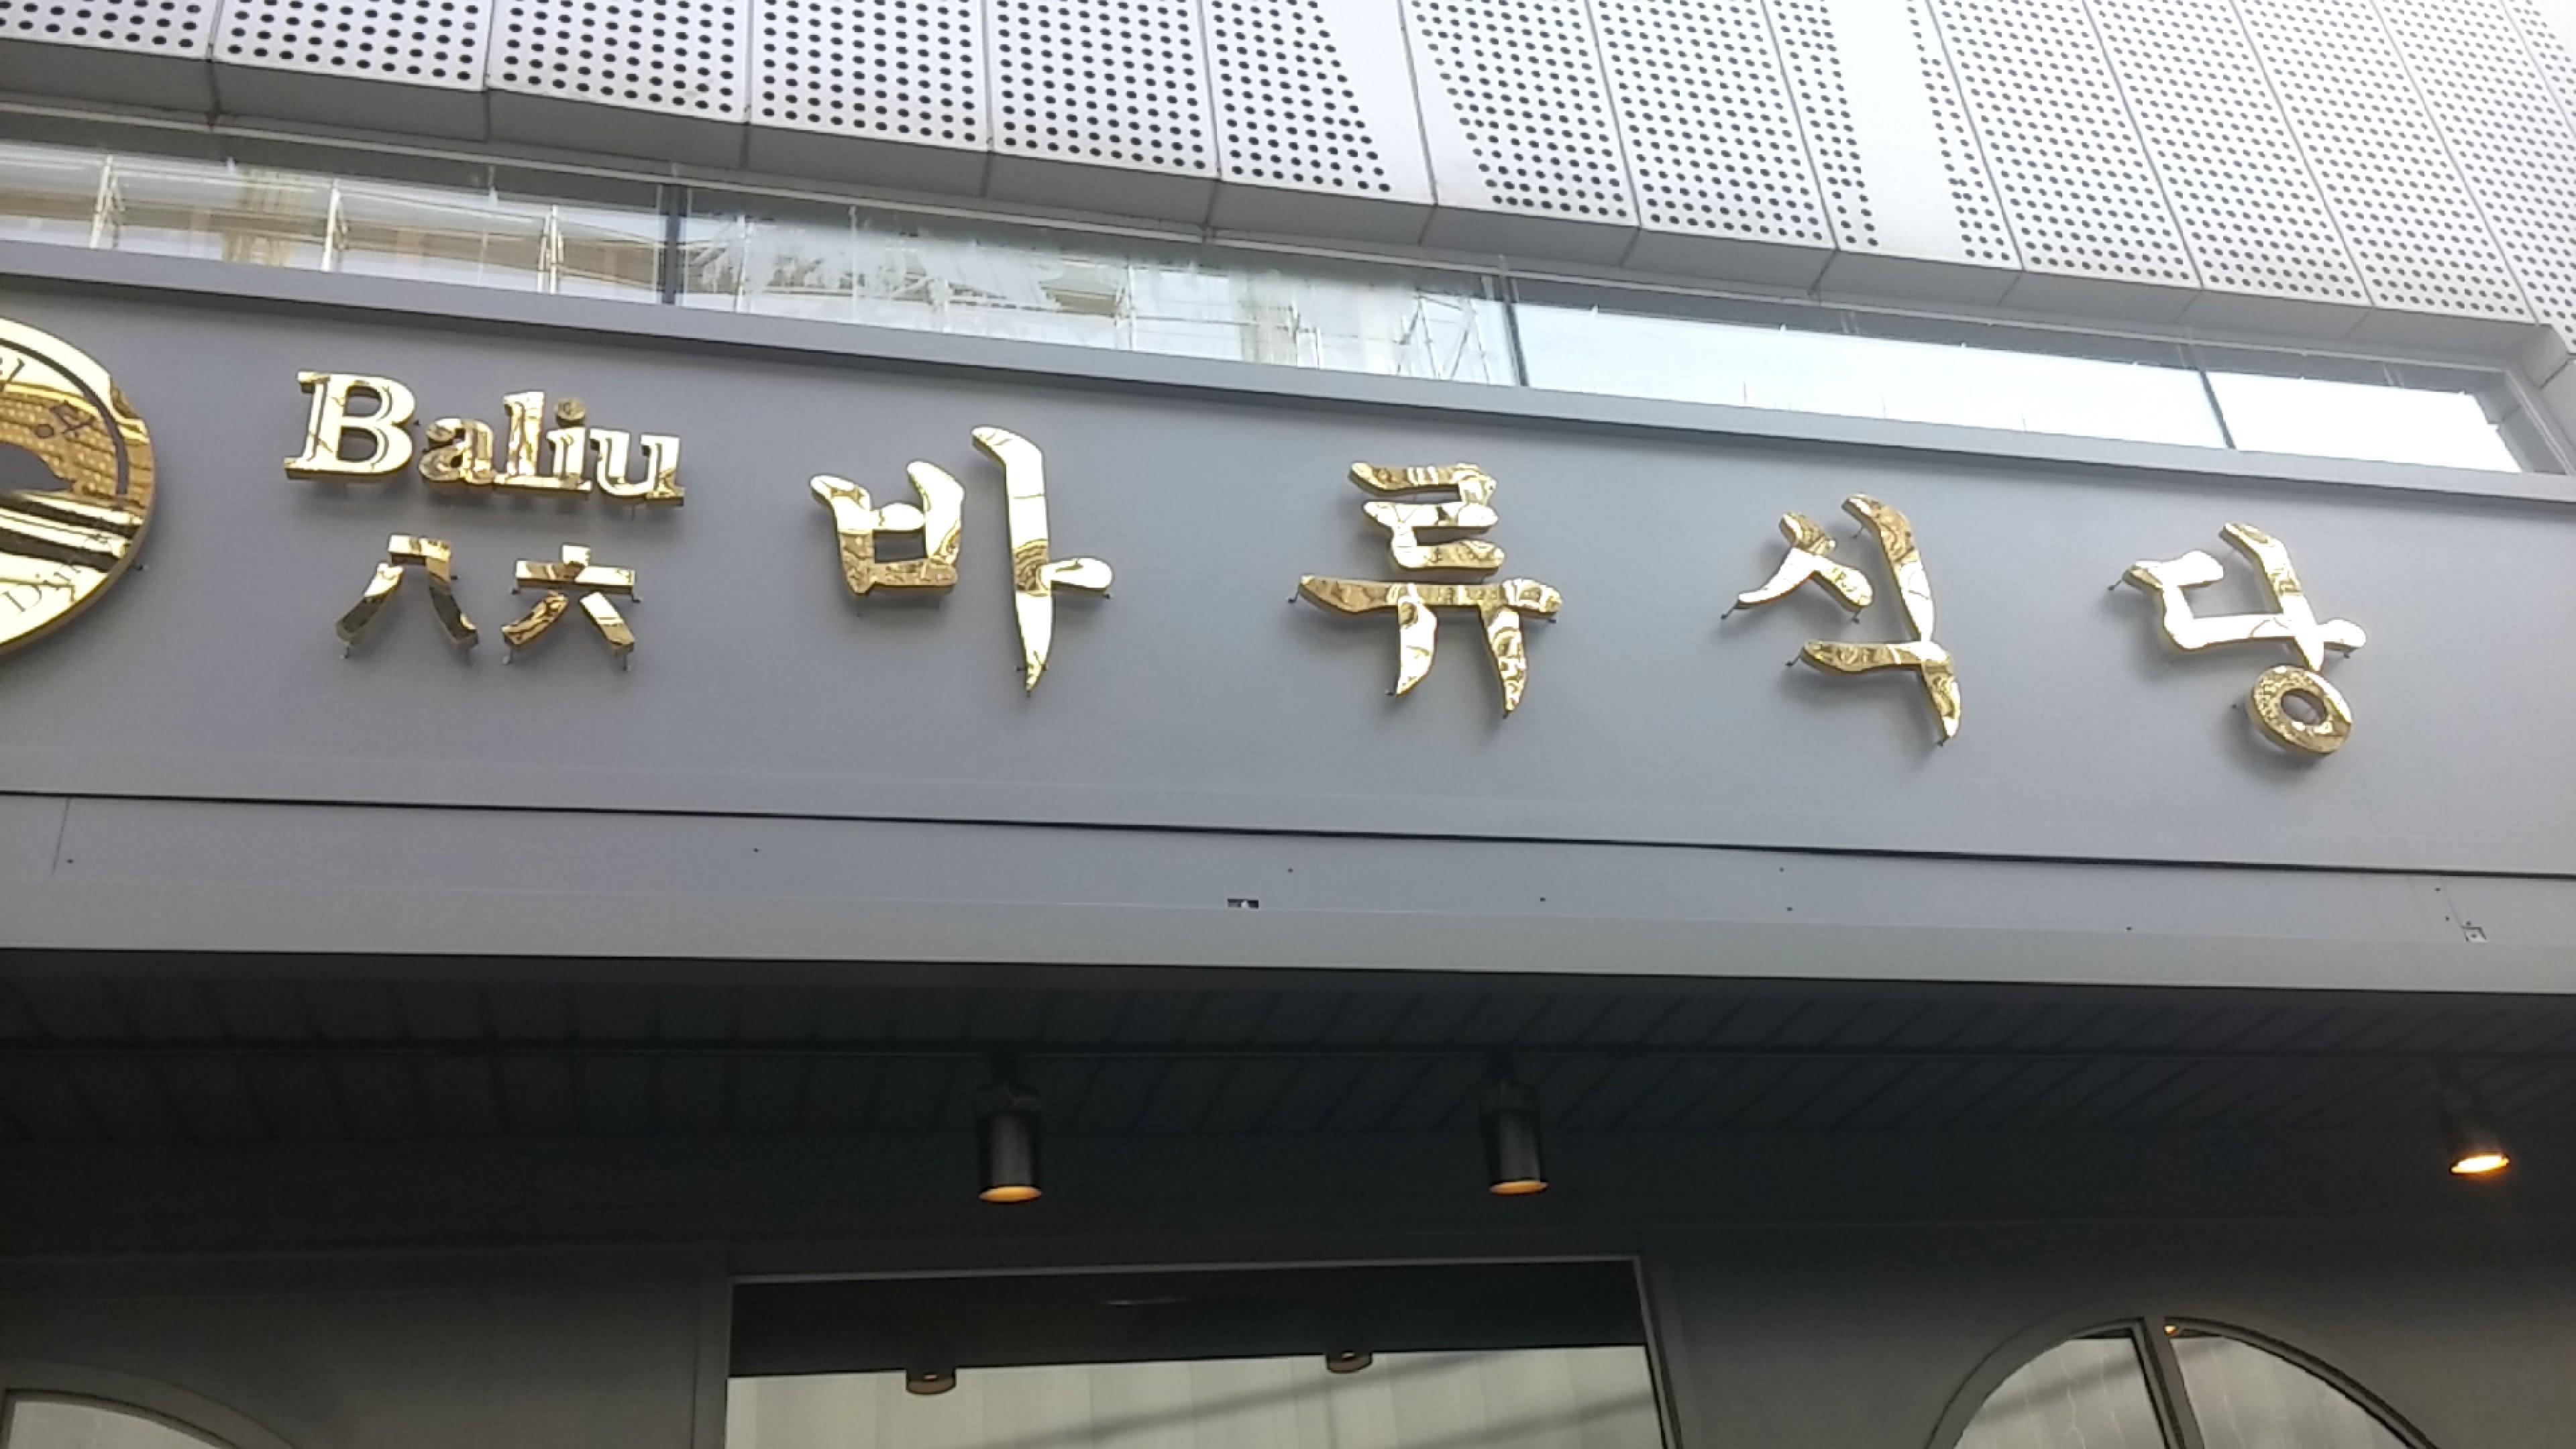 바류식당 사진 - 서울시 마포구 서교동 355-3